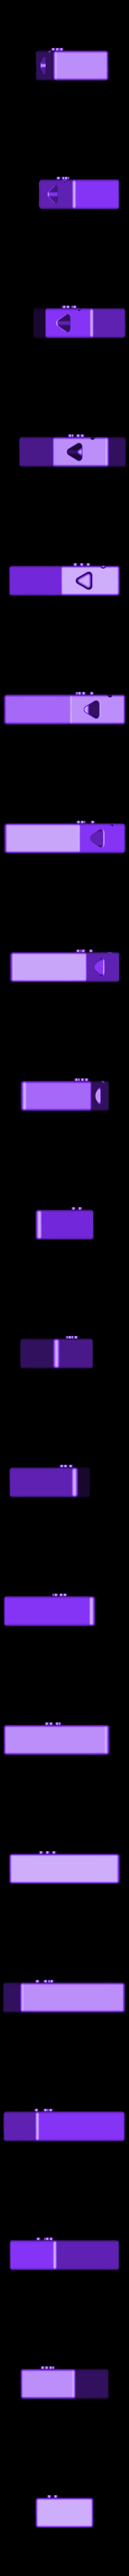 N.stl Télécharger fichier STL gratuit Casse-tête en braille de la couronne de Fittle • Design pour impression 3D, Fittle